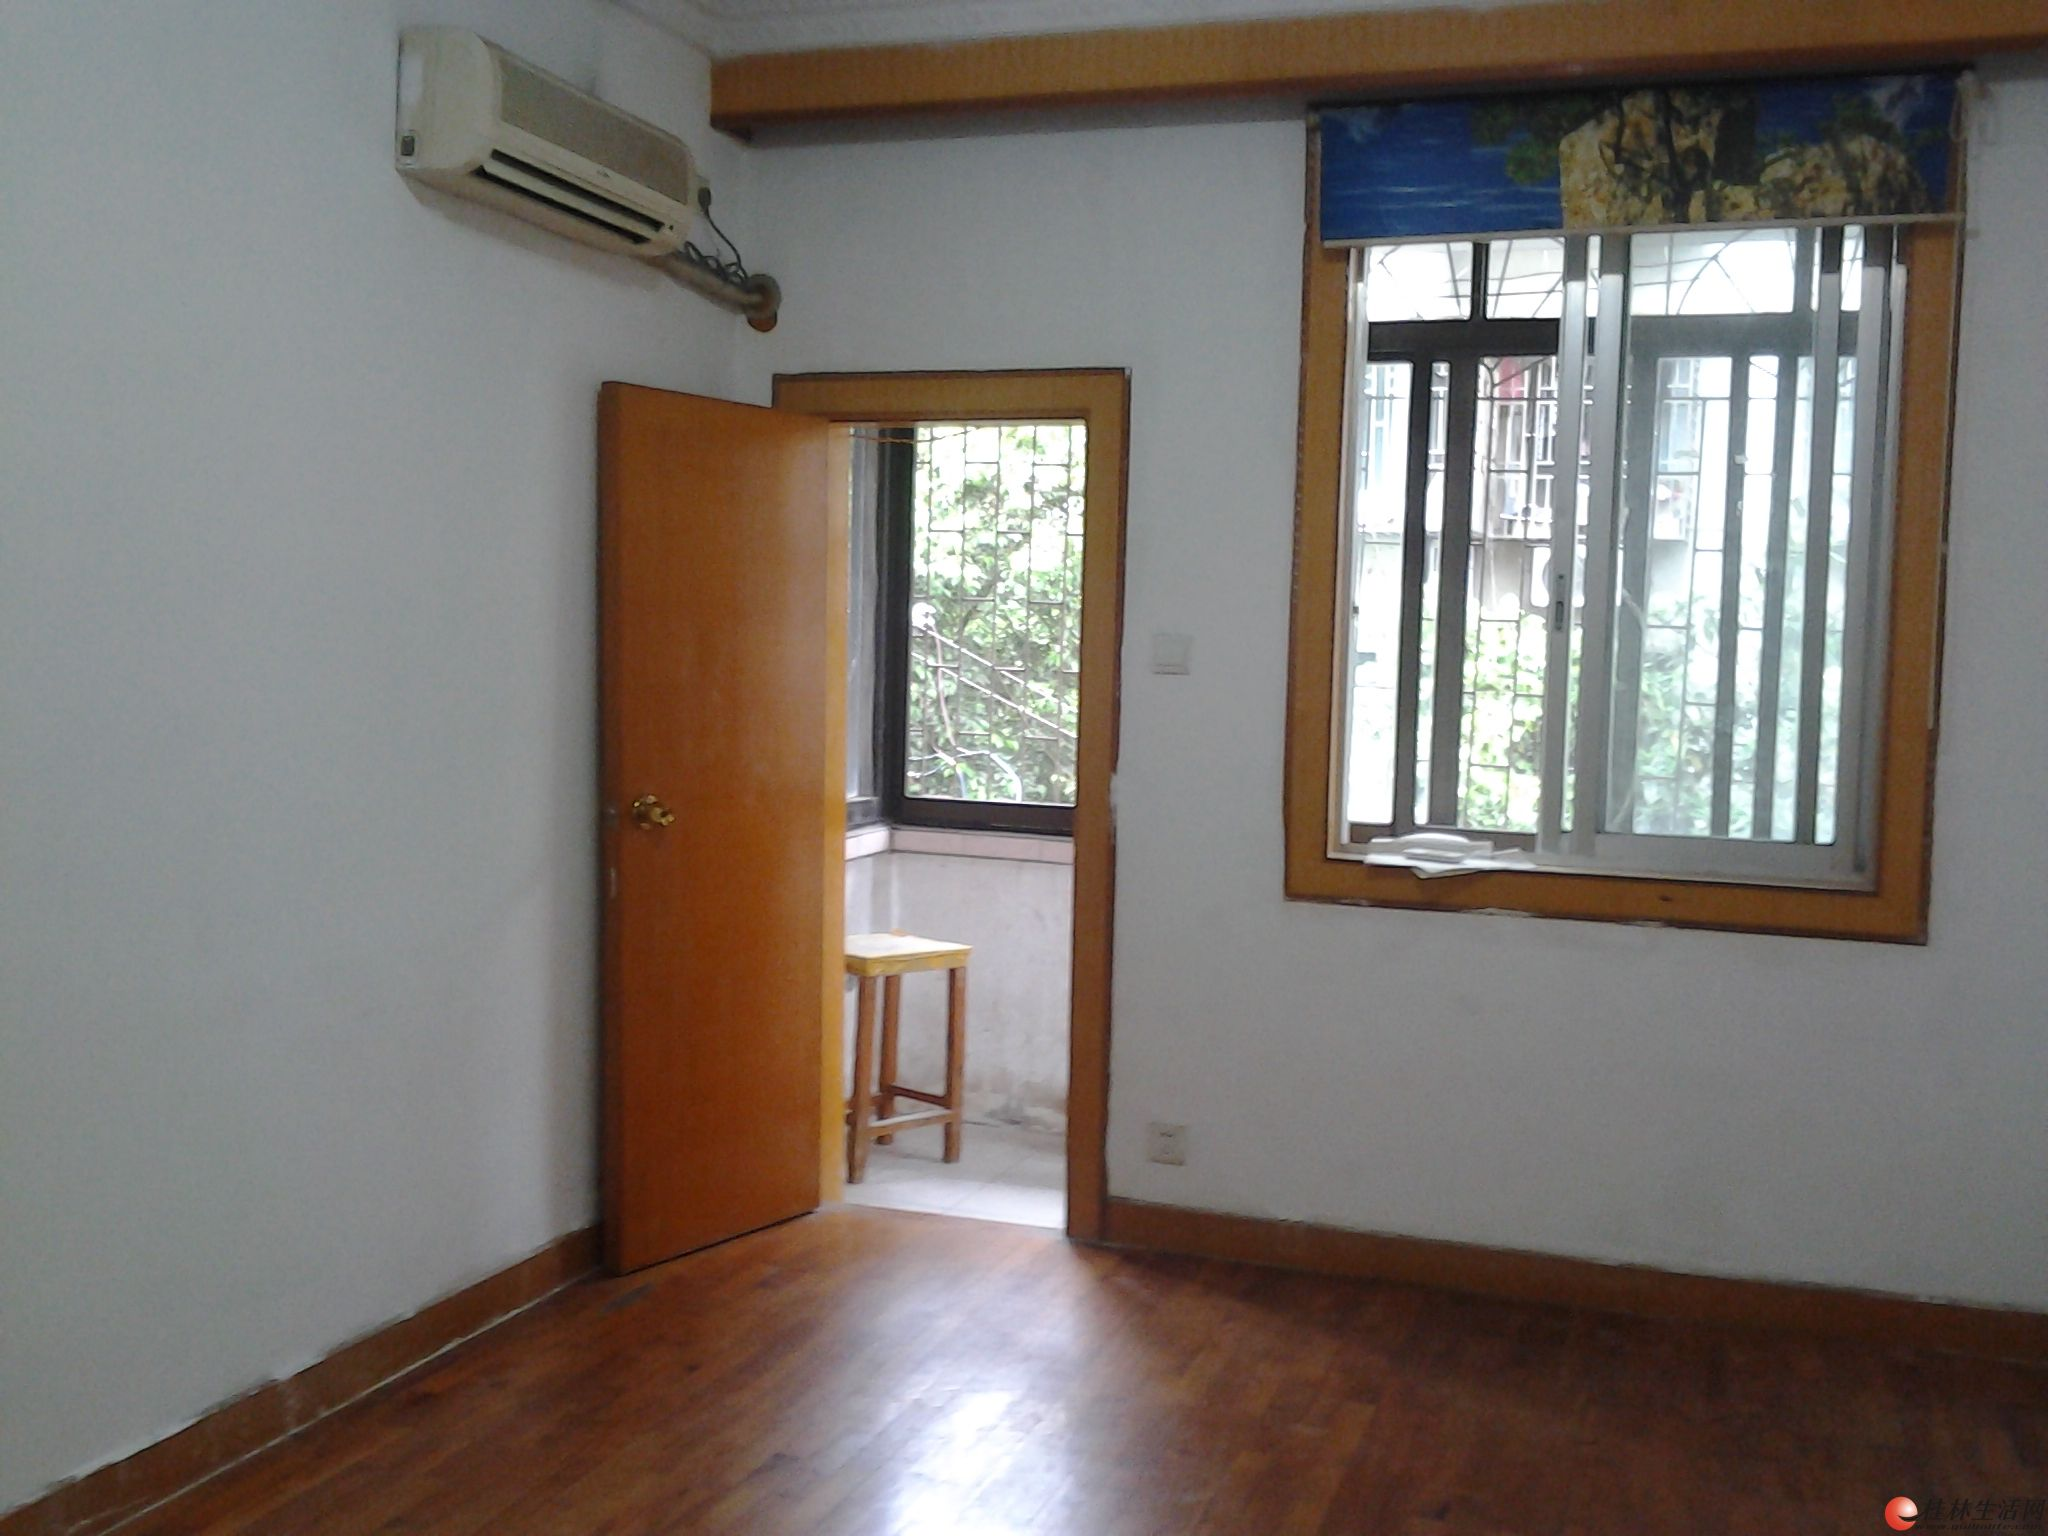 白果巷崇善小学斜对面西城路旁,三楼,2房1厅,新木地板2空调家电家具齐全,1400元月